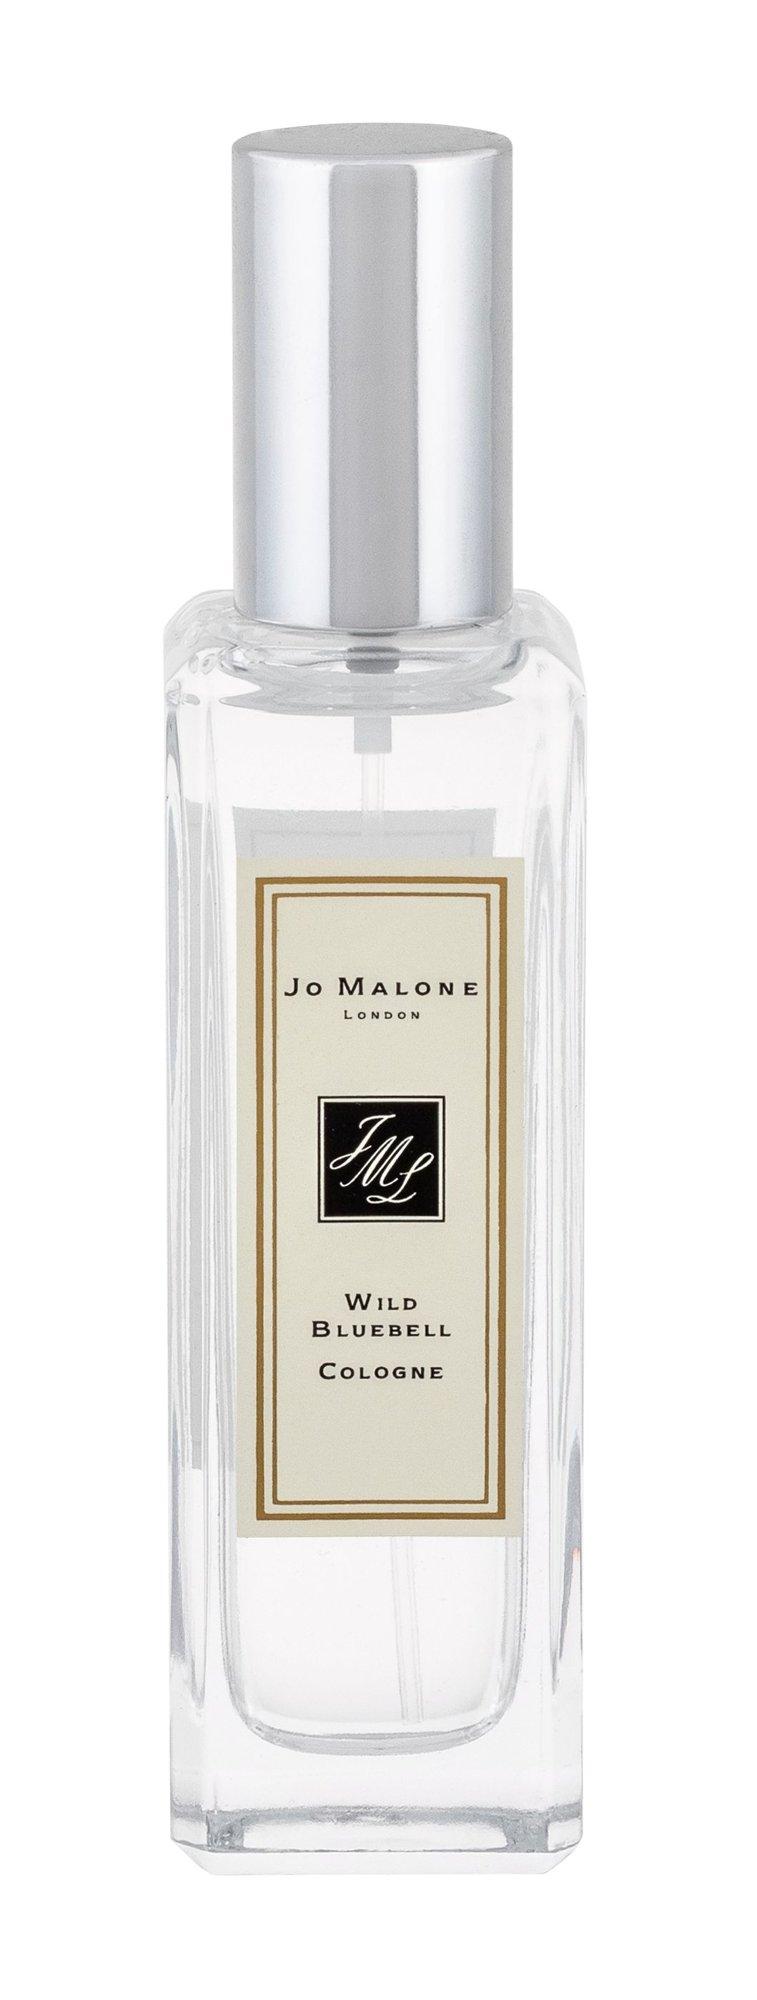 Jo Malone Wild Bluebell Eau de Cologne 30ml